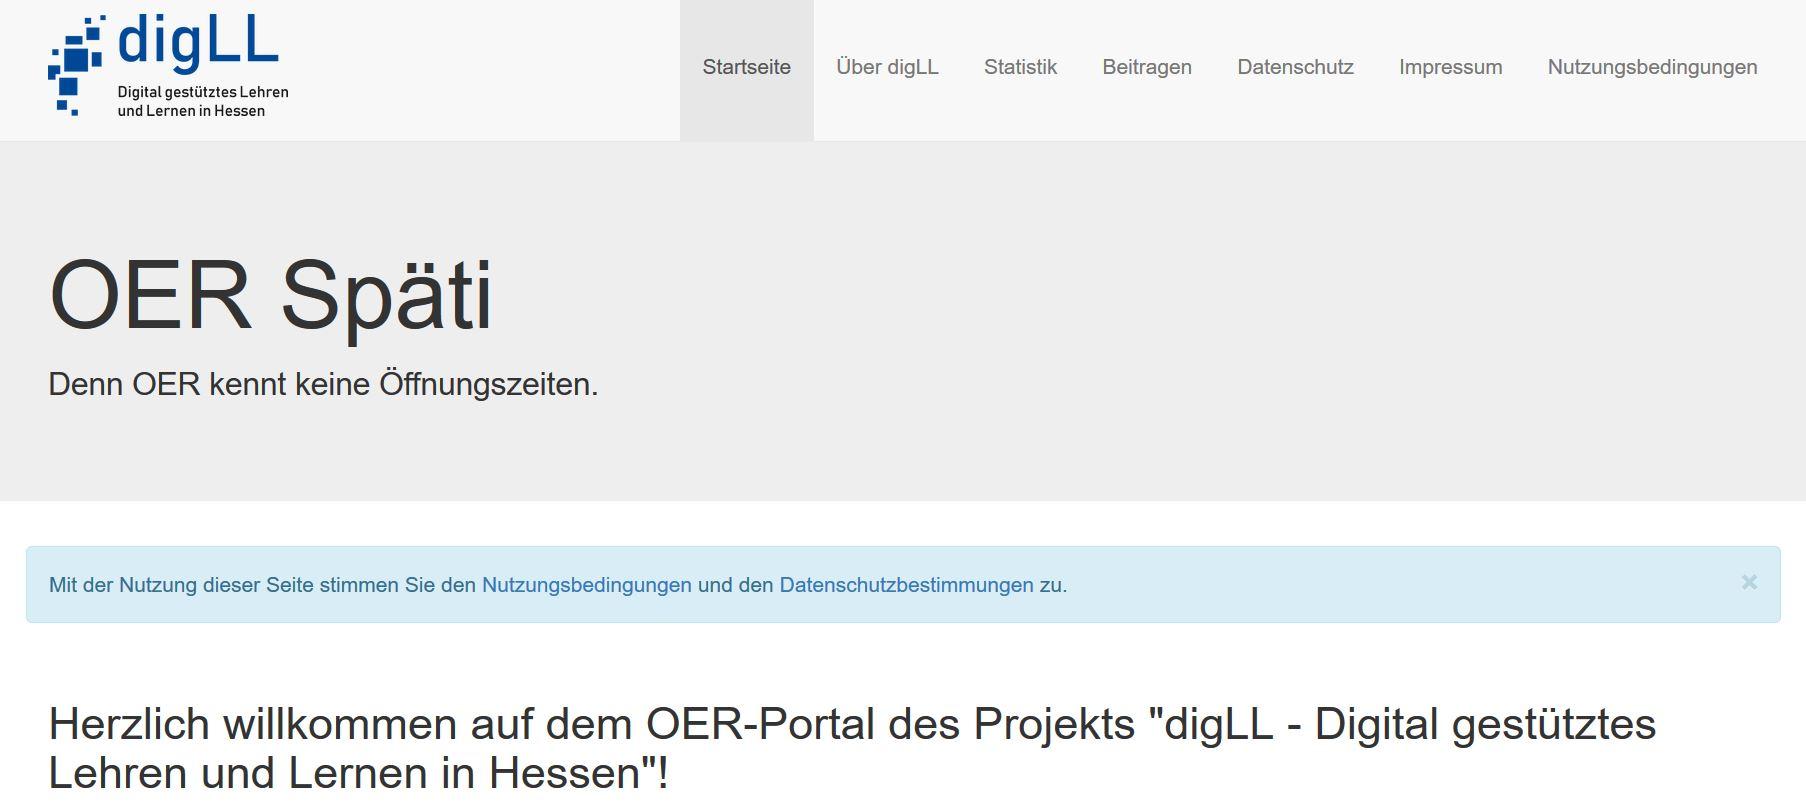 OER-Späti, Screenshot, nicht unter freier Lizenz